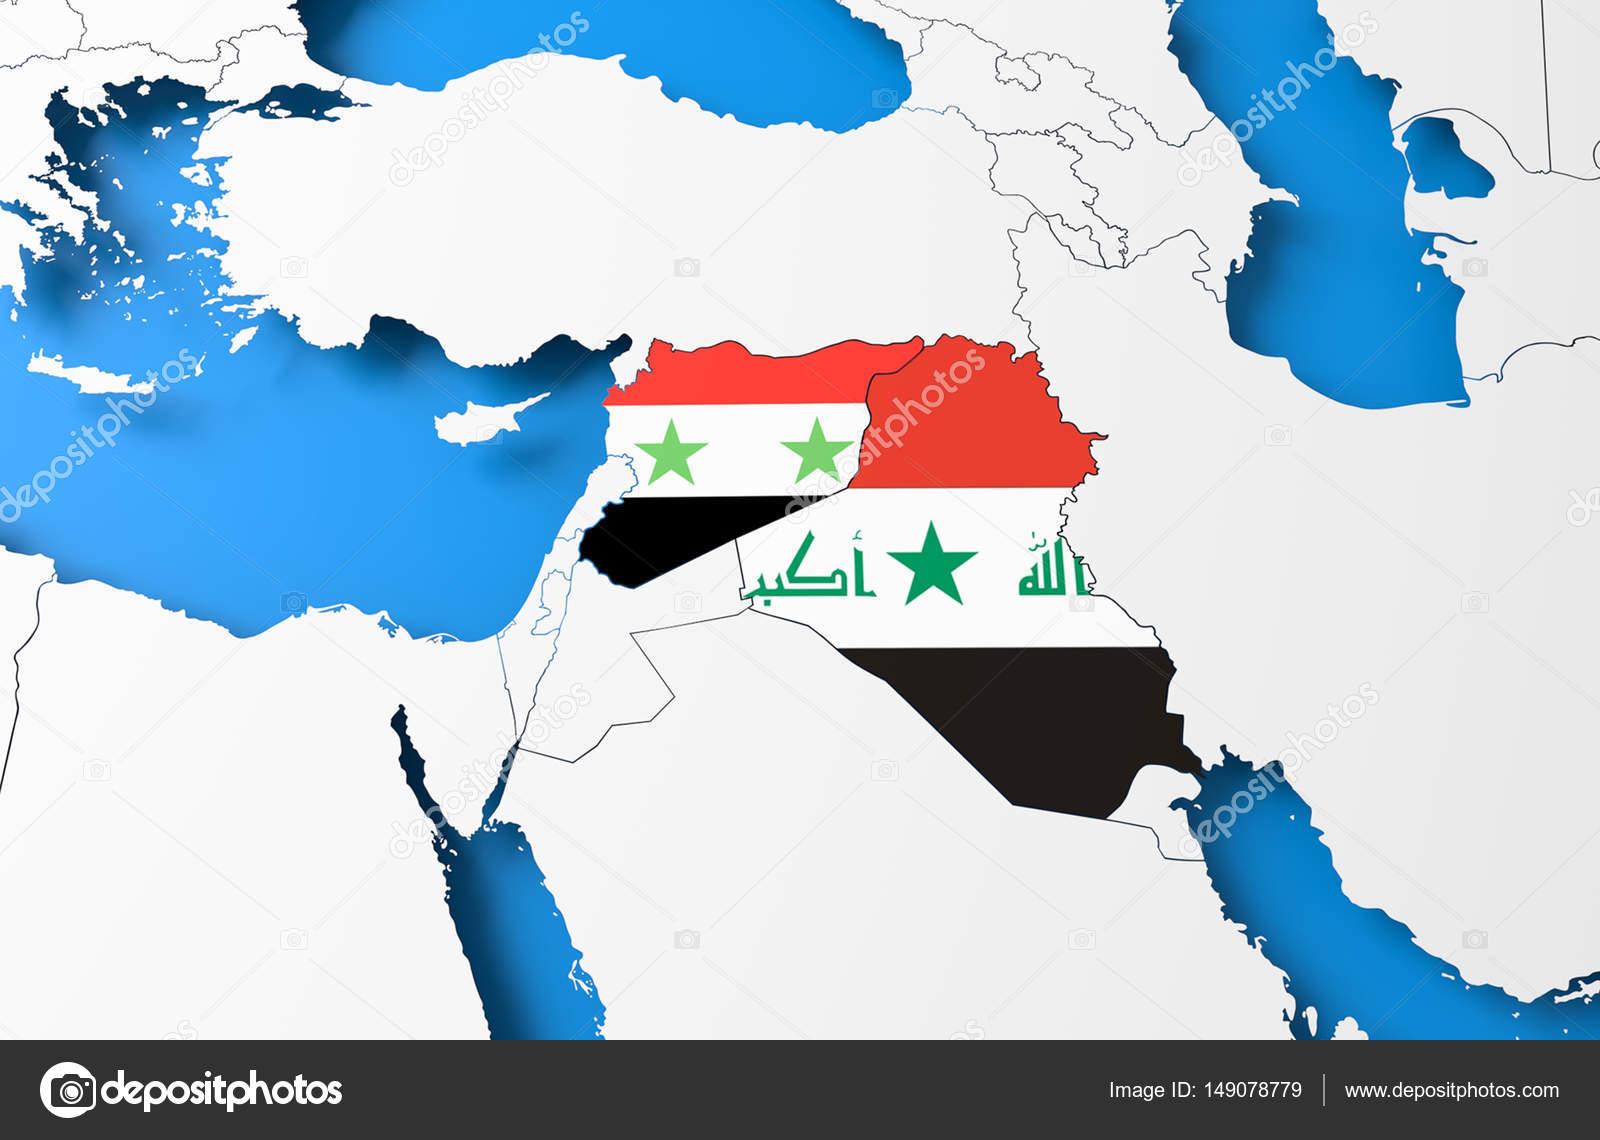 Syrien Irak Karte.Syrien Und Irak 3d Karte Stockfoto C Malewitch 149078779